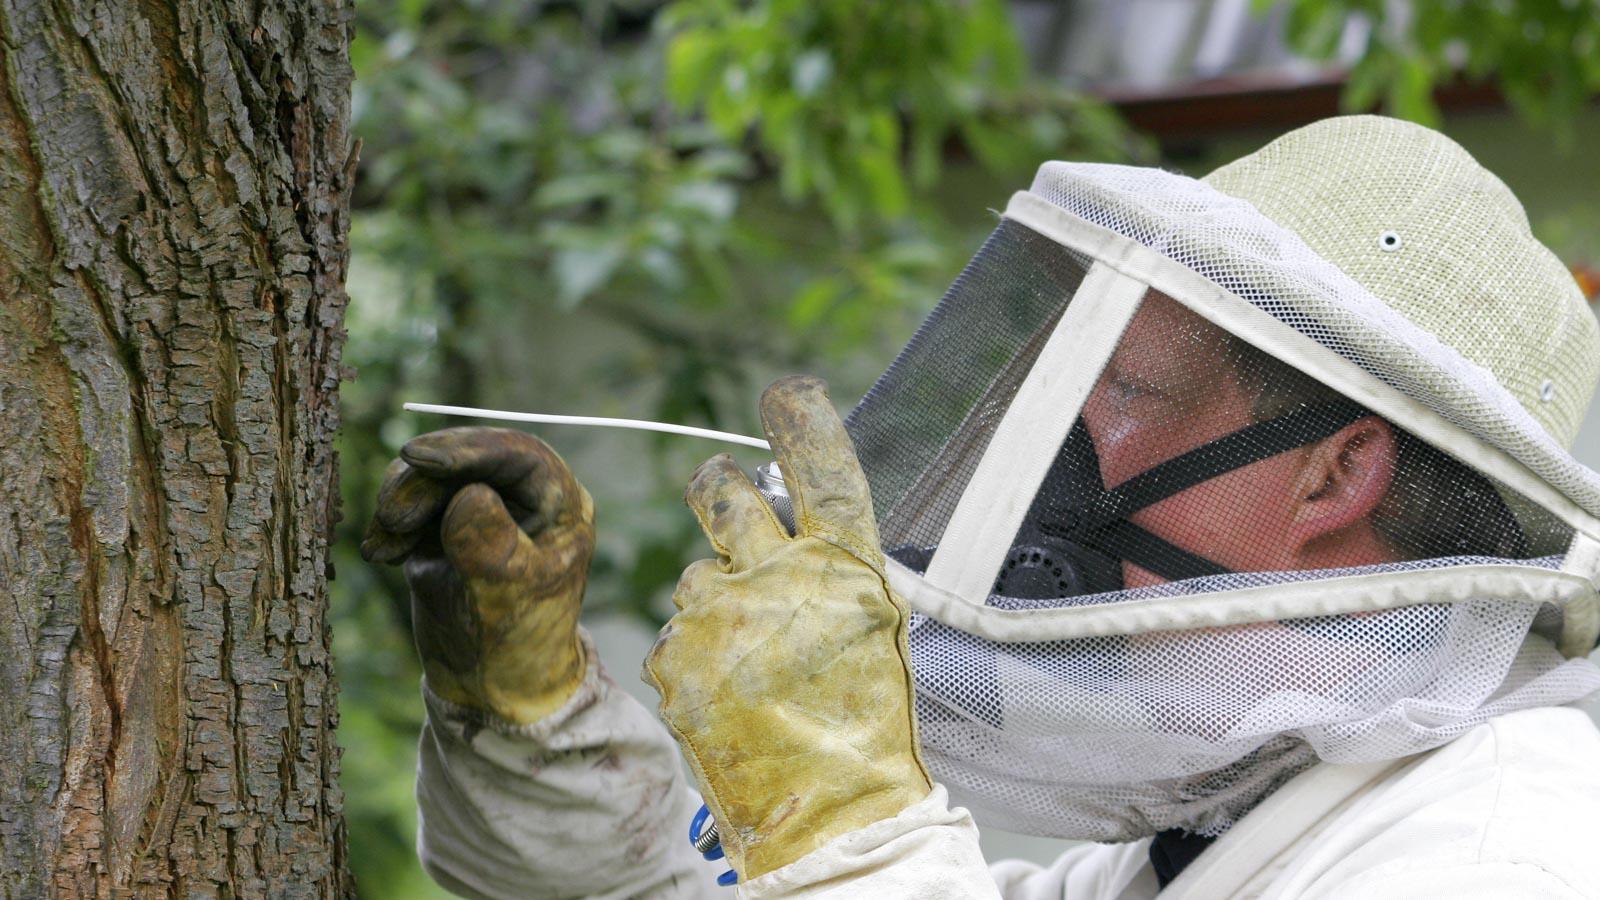 Schädlingsbekämpfer sprüht Insektenspray in einen Baum